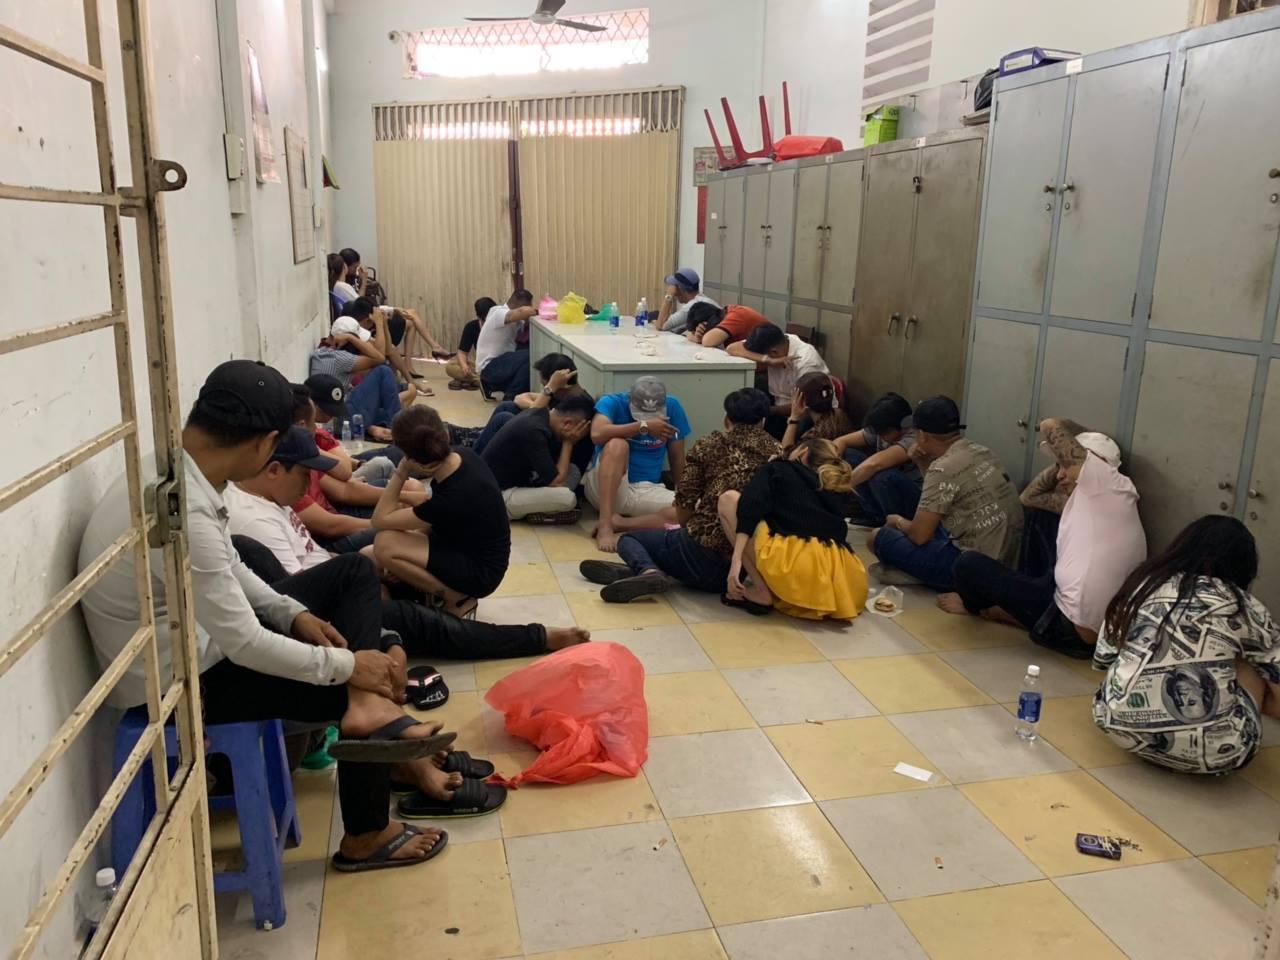 Đột kích vũ trường Đông Kinh, gần 50 dân chơi đang uốn éo trong tiếng nhạc tìm cách phi tang ma túy rồi bỏ chạy tán loạn - Ảnh 2